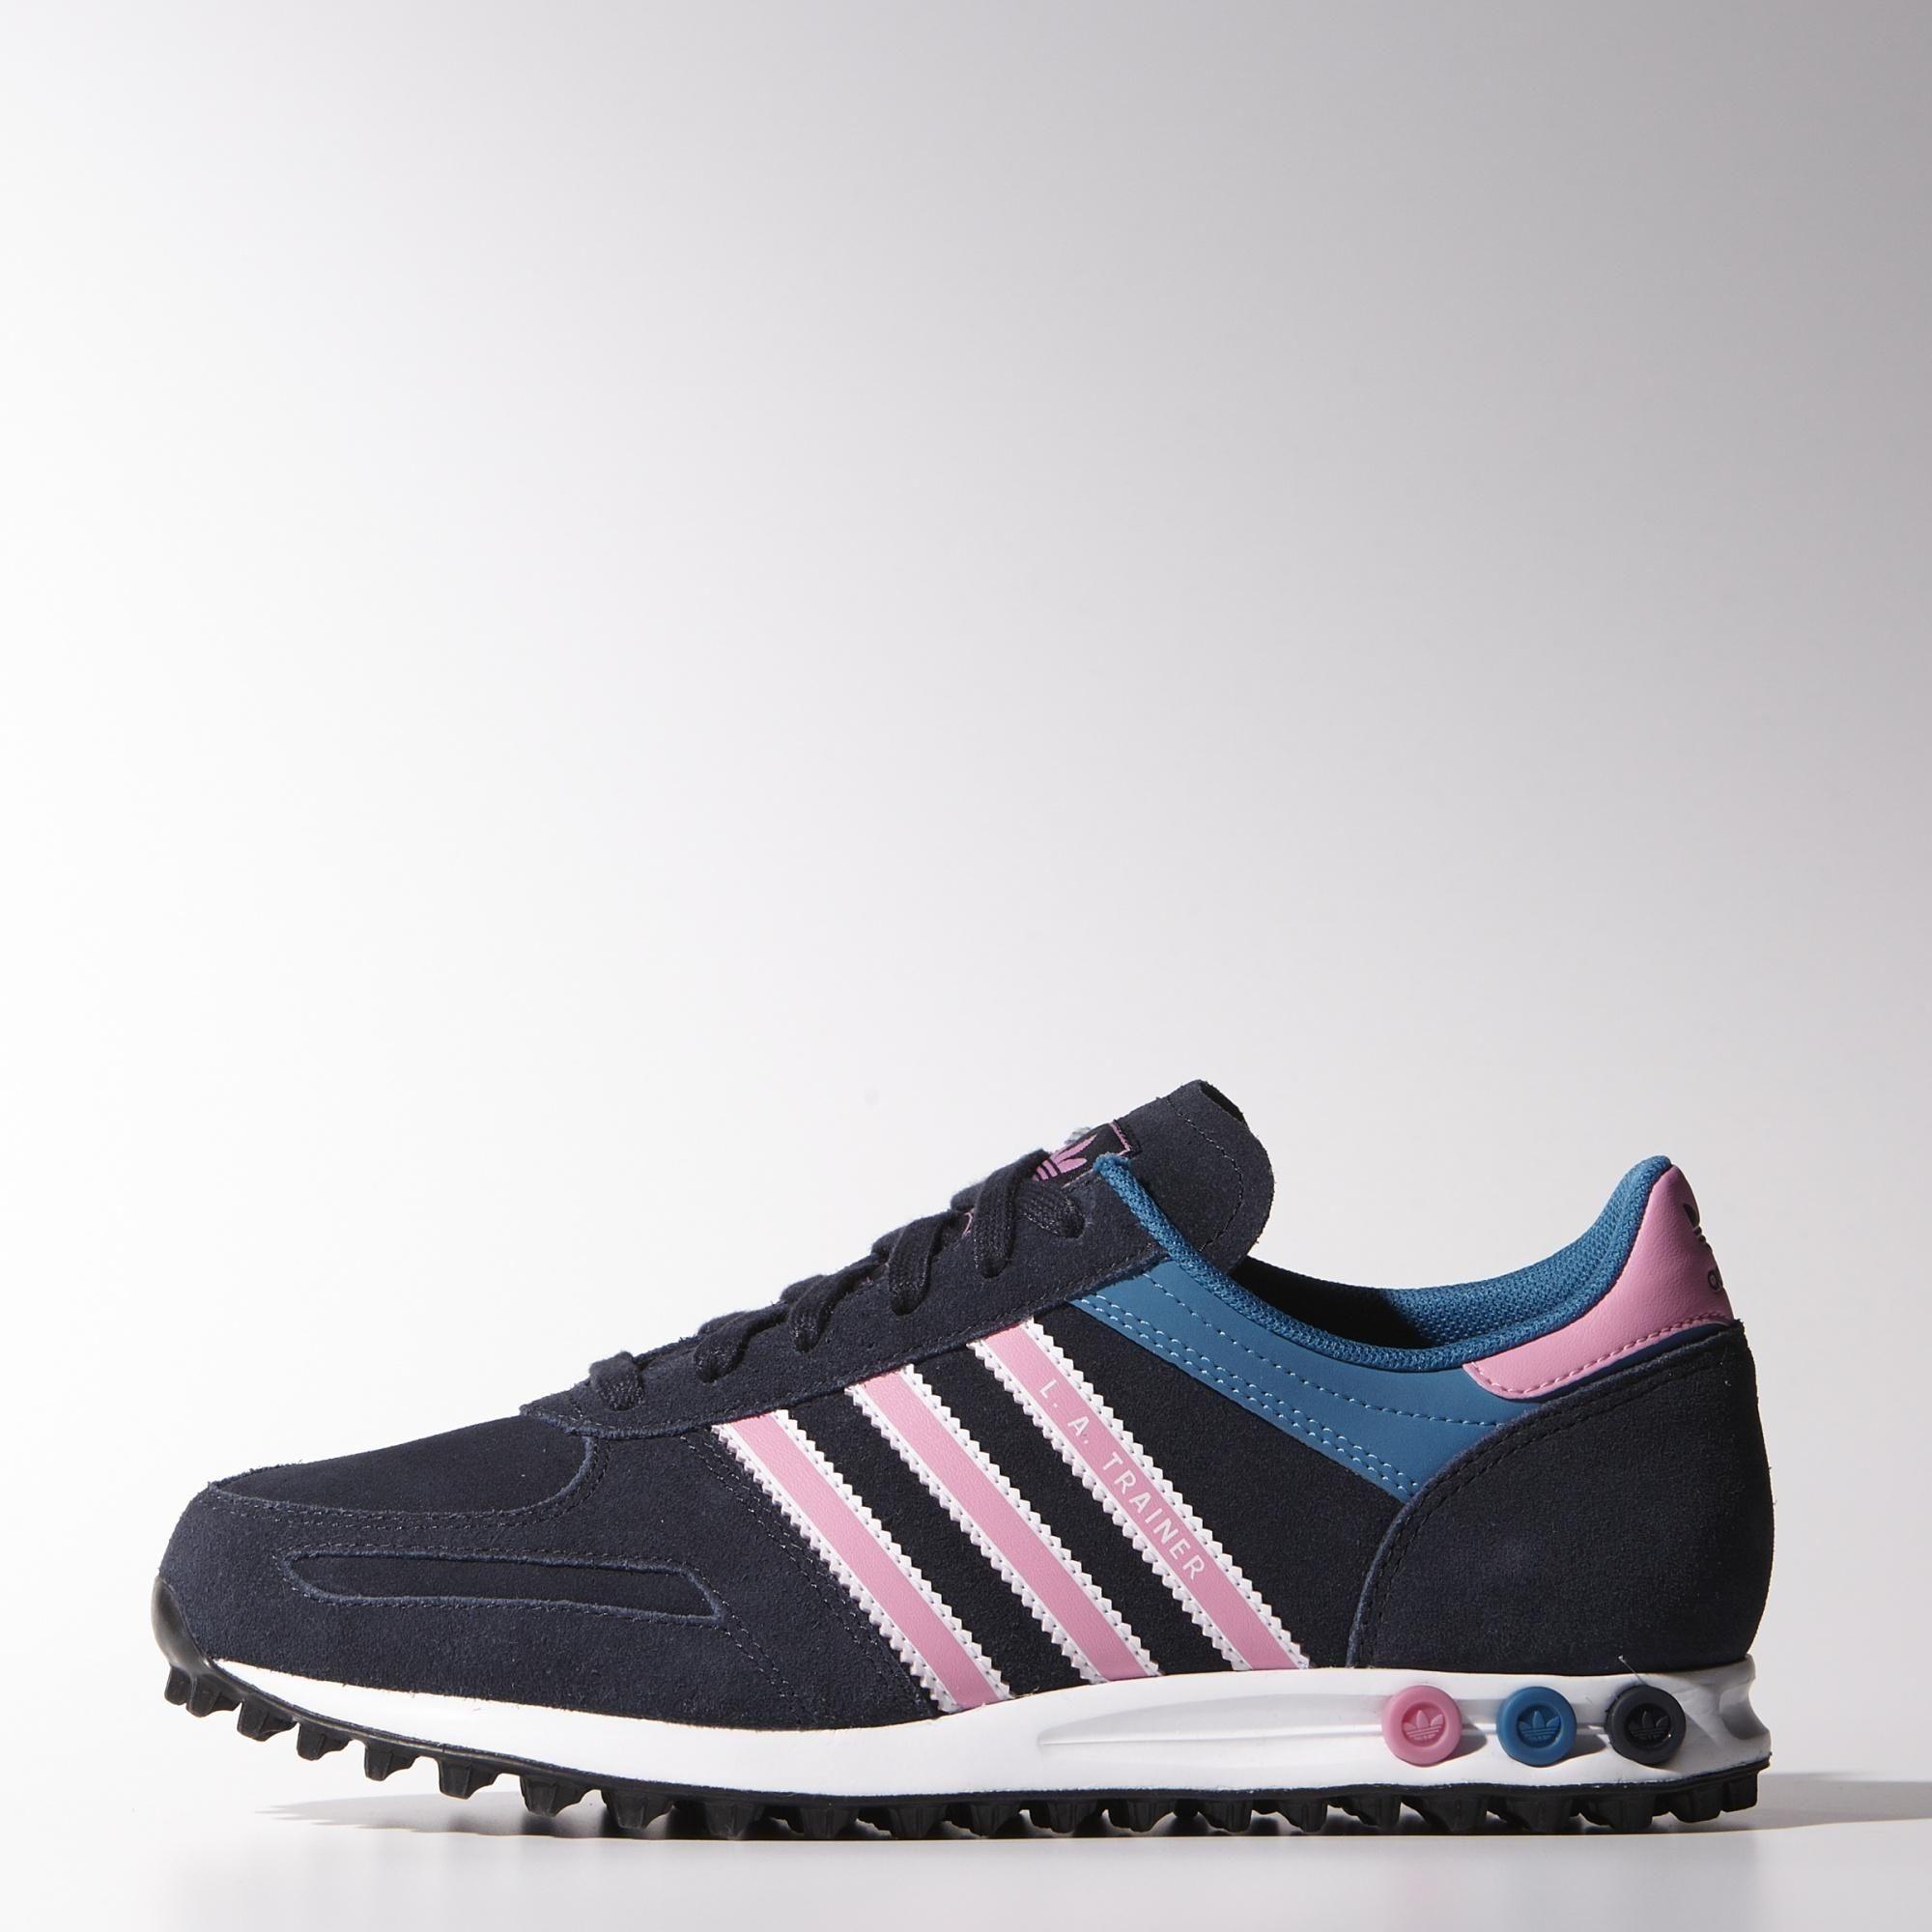 Adidas La Trainer Lauf Online online ,Adidas Laufschuhe